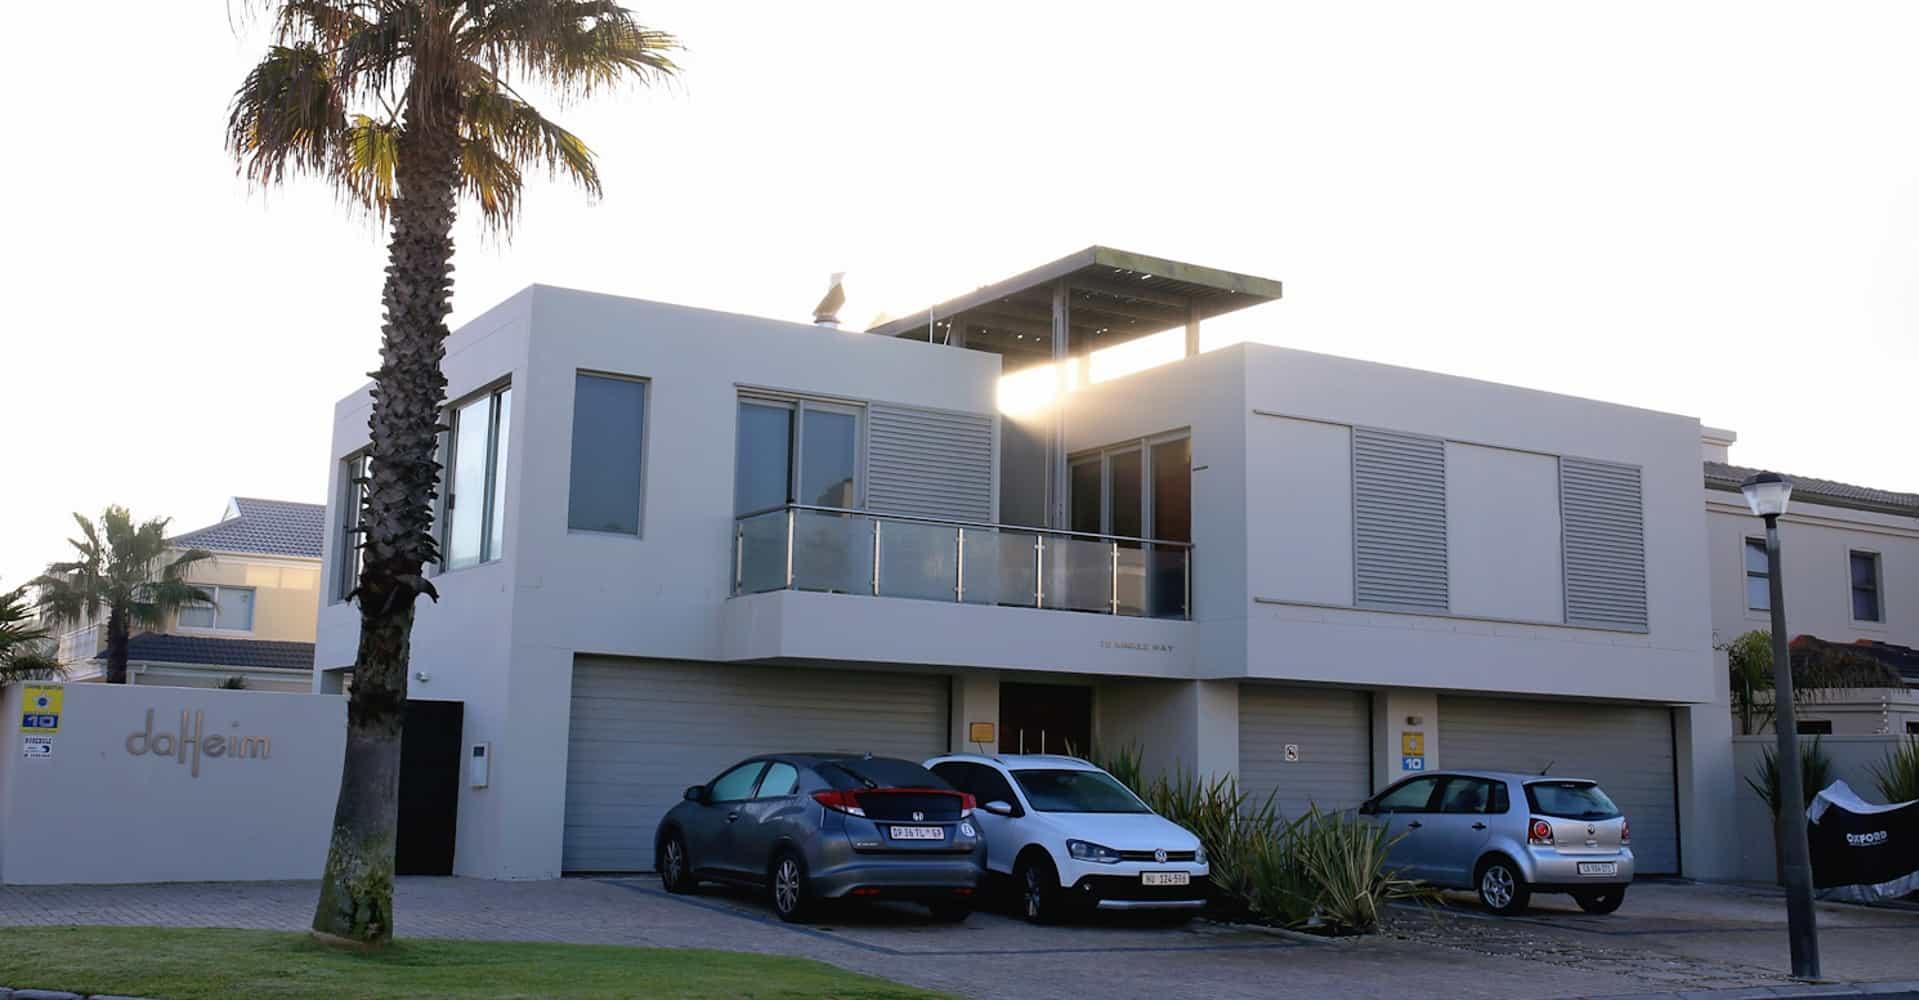 Parkplätze des modernen da heim Guesthouse in Kapstadt